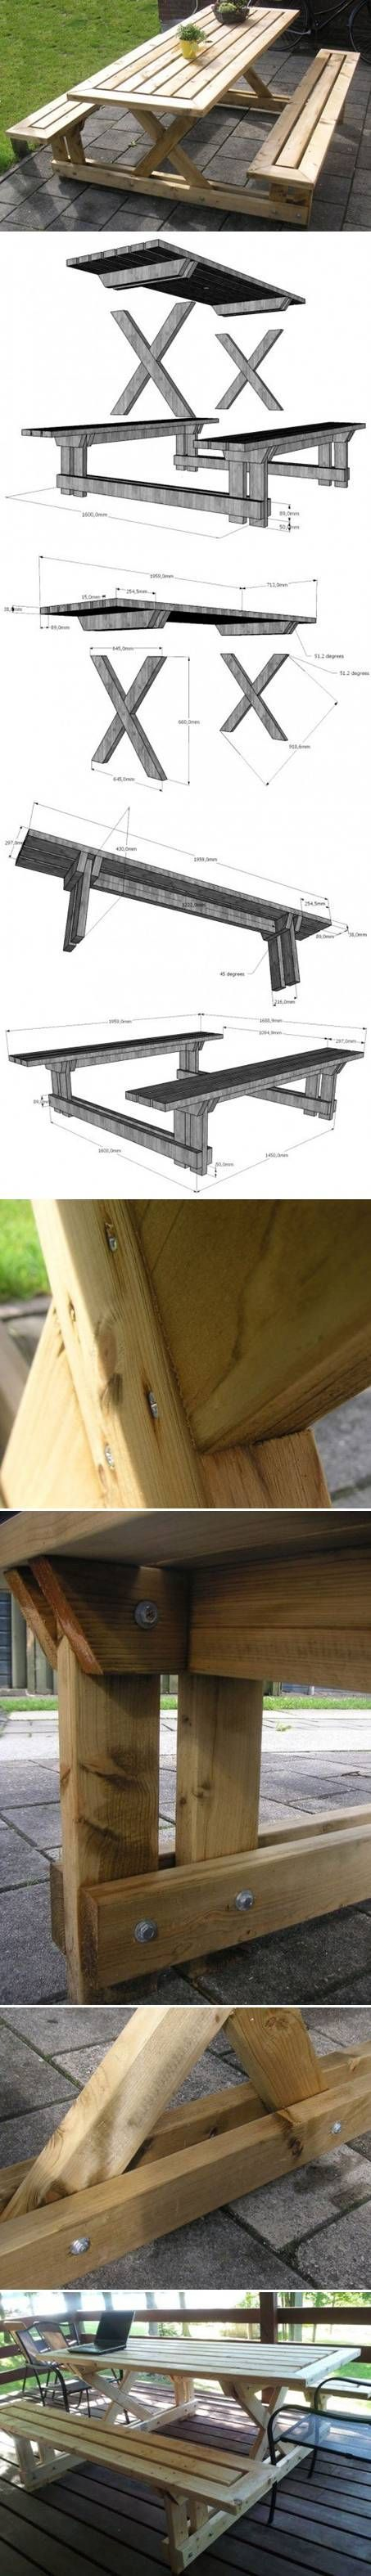 Voici comment fabriquer un meuble pour jardin gardens a well and tables - Fabriquer table picnic ...